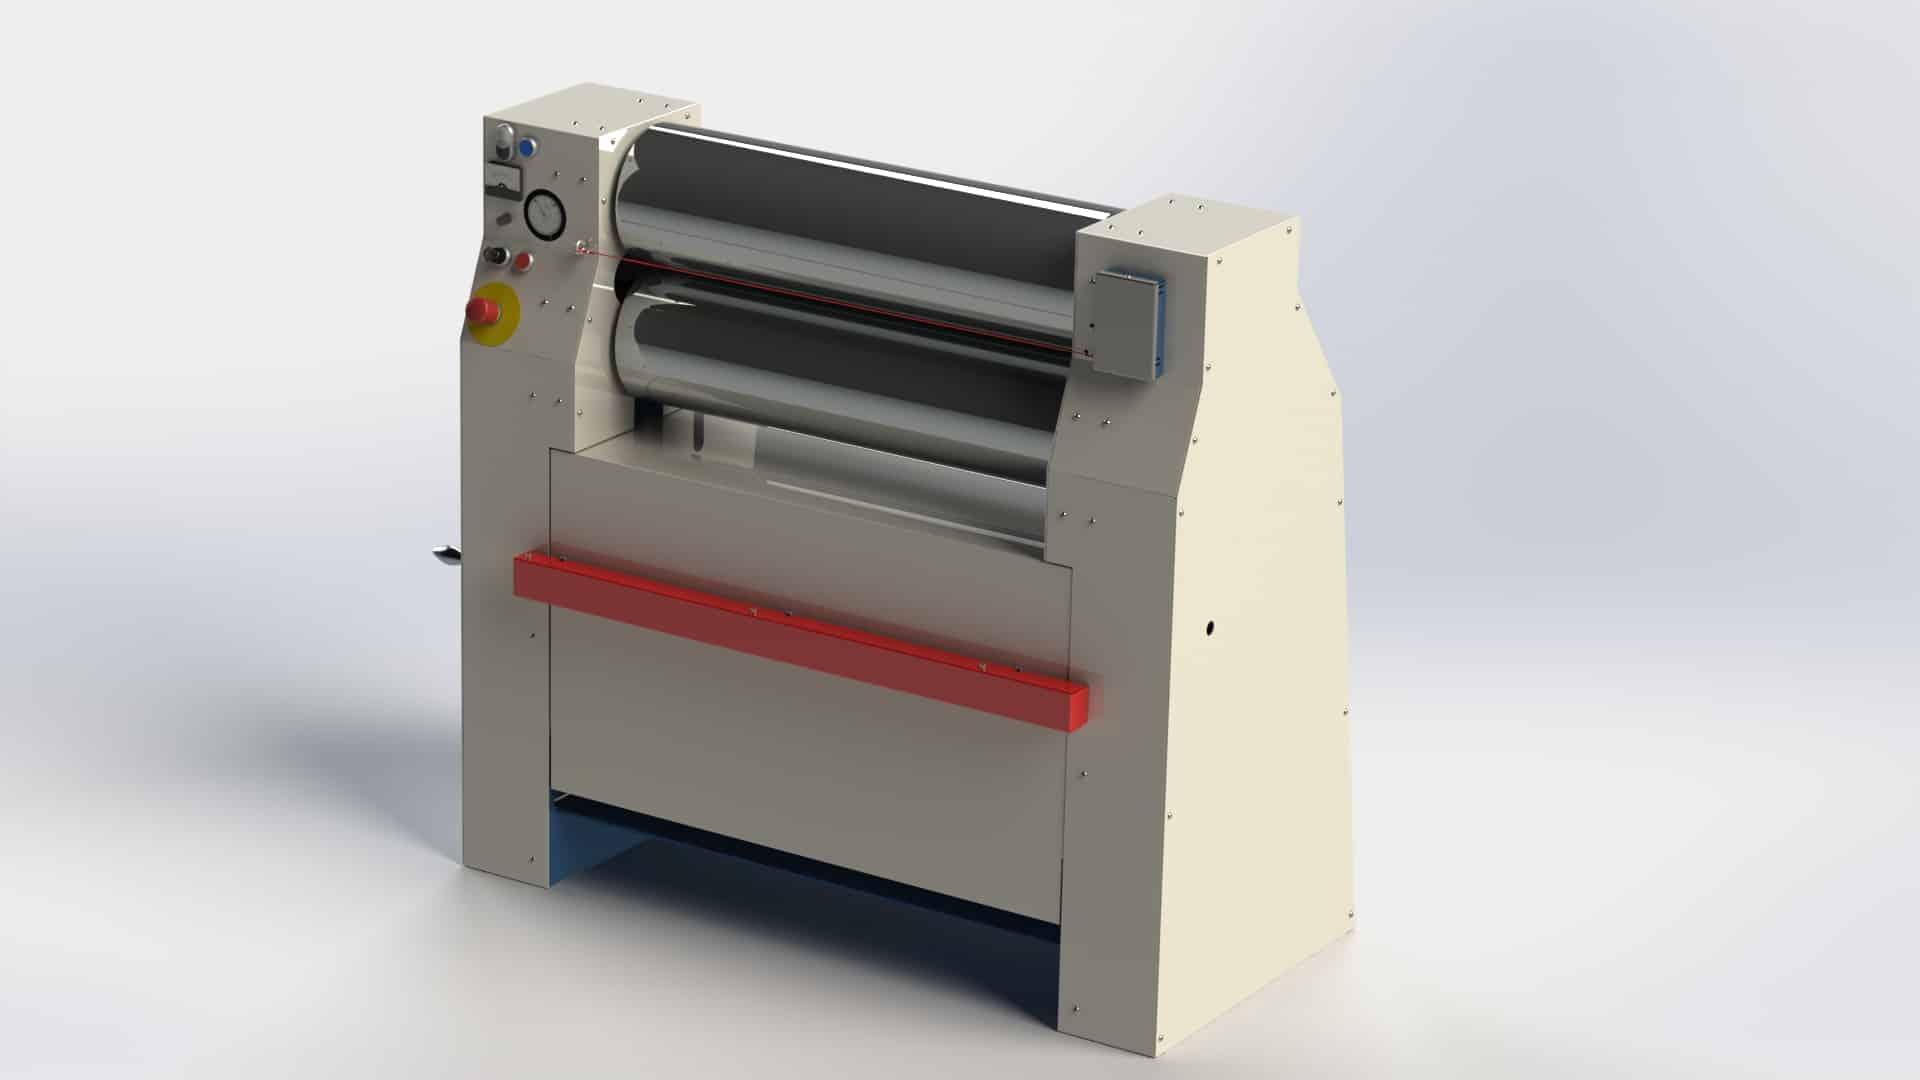 Dijatec electric two roll mill MW-20